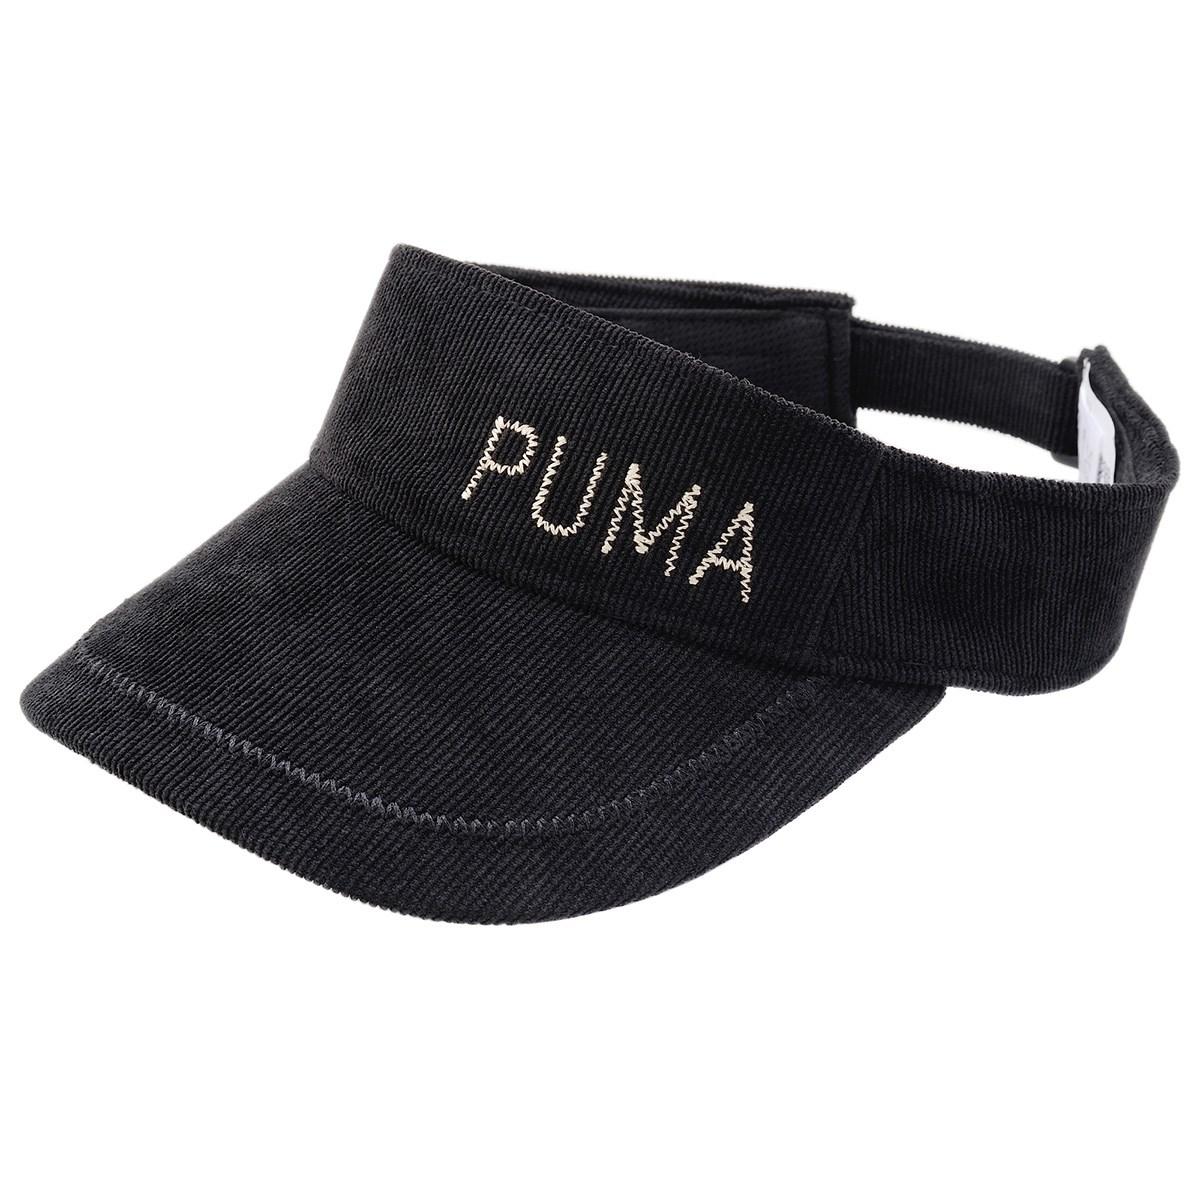 プーマ PUMA シーズナル サンバイザー フリー プーマブラック 01 レディス